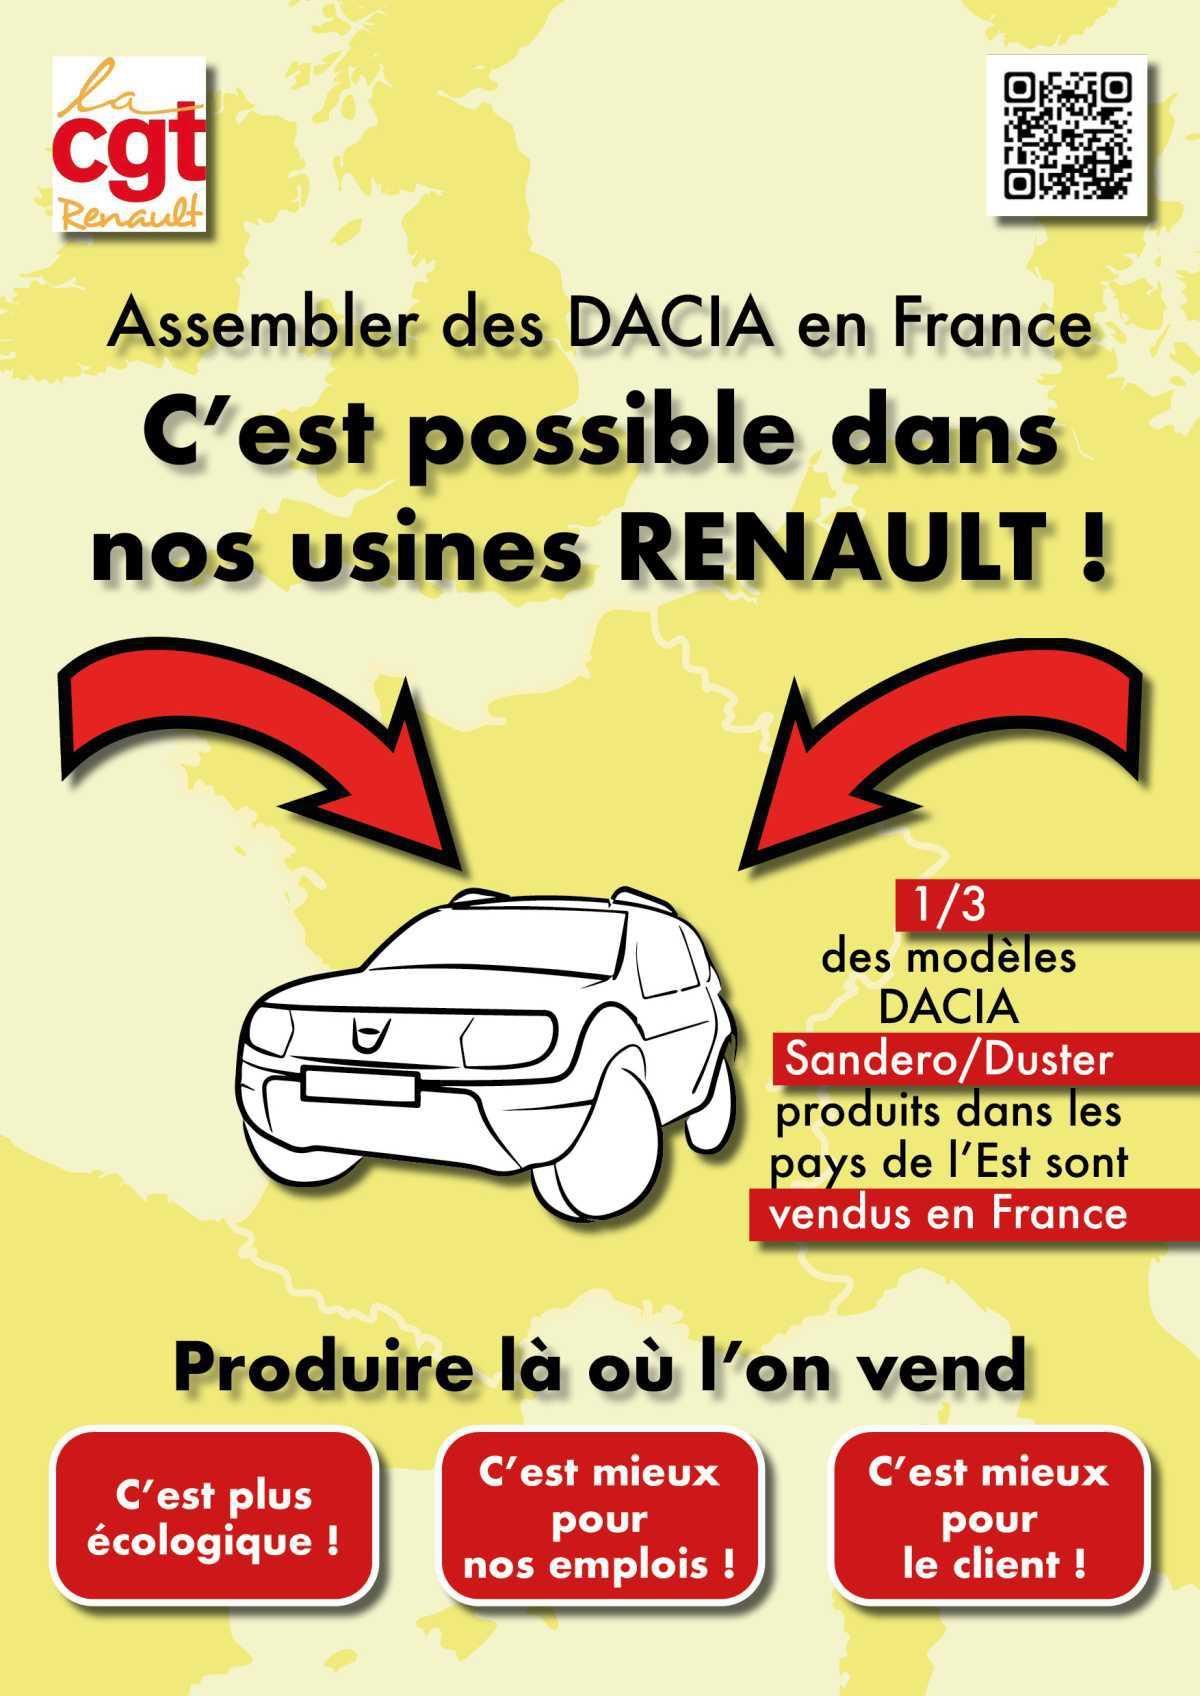 Signez la pétition pour la localisation de véhicules DACIA en France !